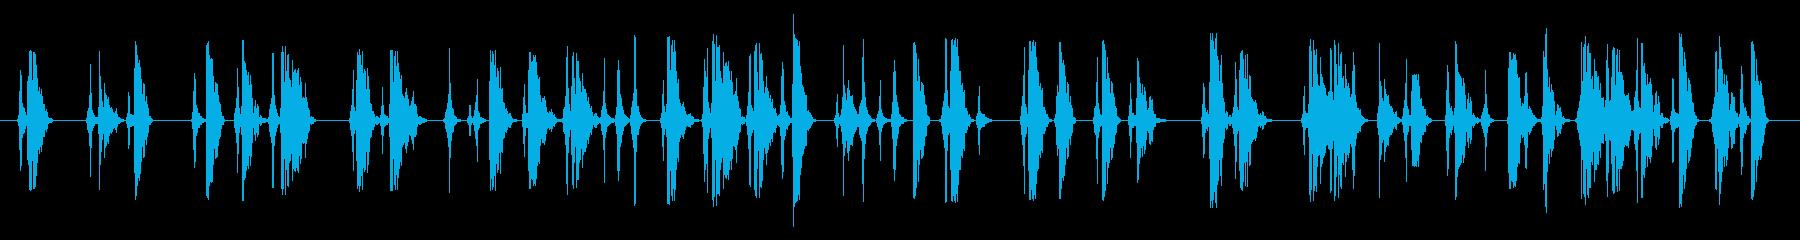 格闘シーンの再生済みの波形